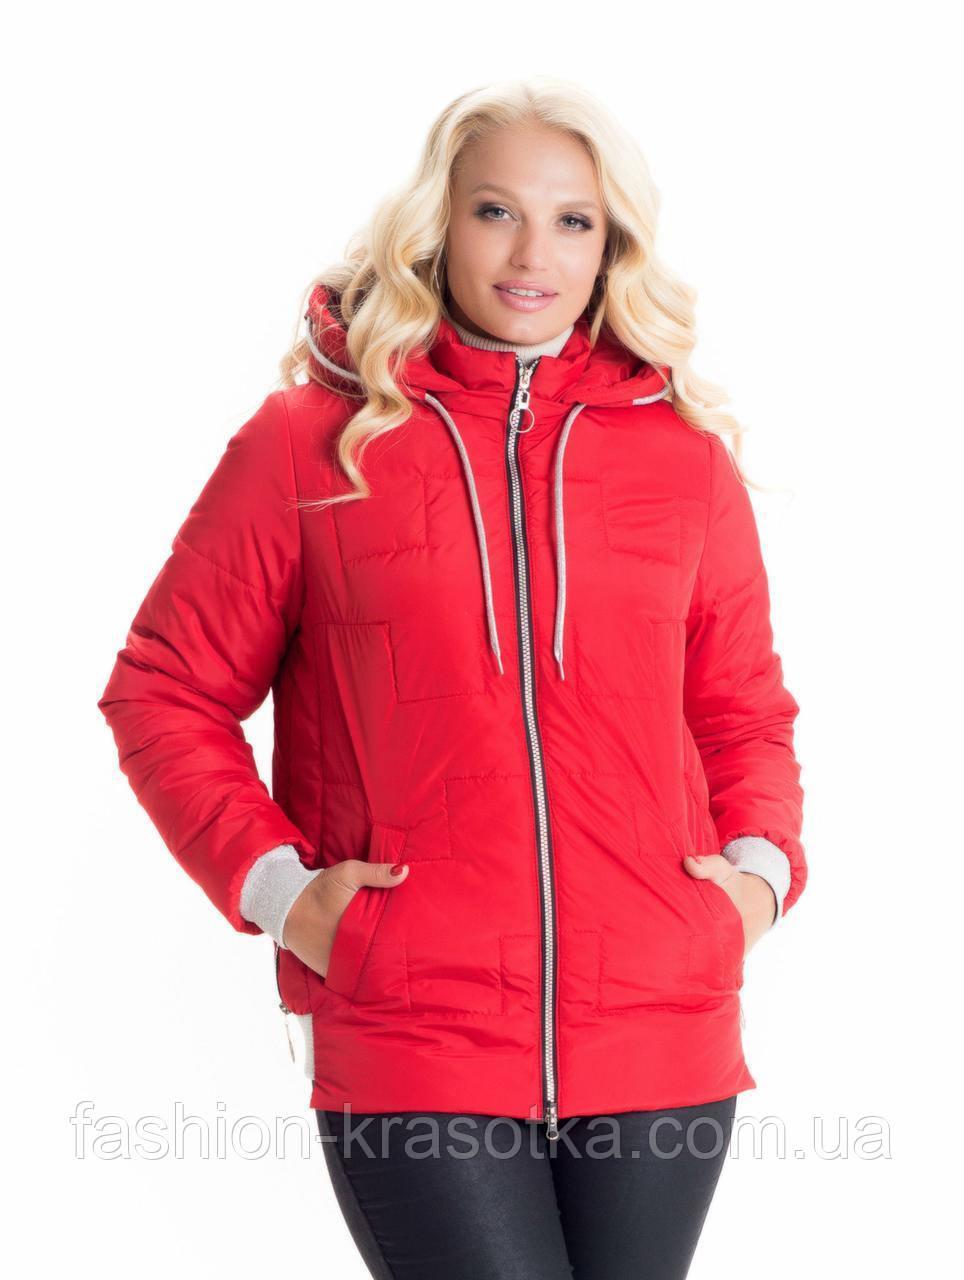 Модная женская демисезонная куртка,размеры 44-58.